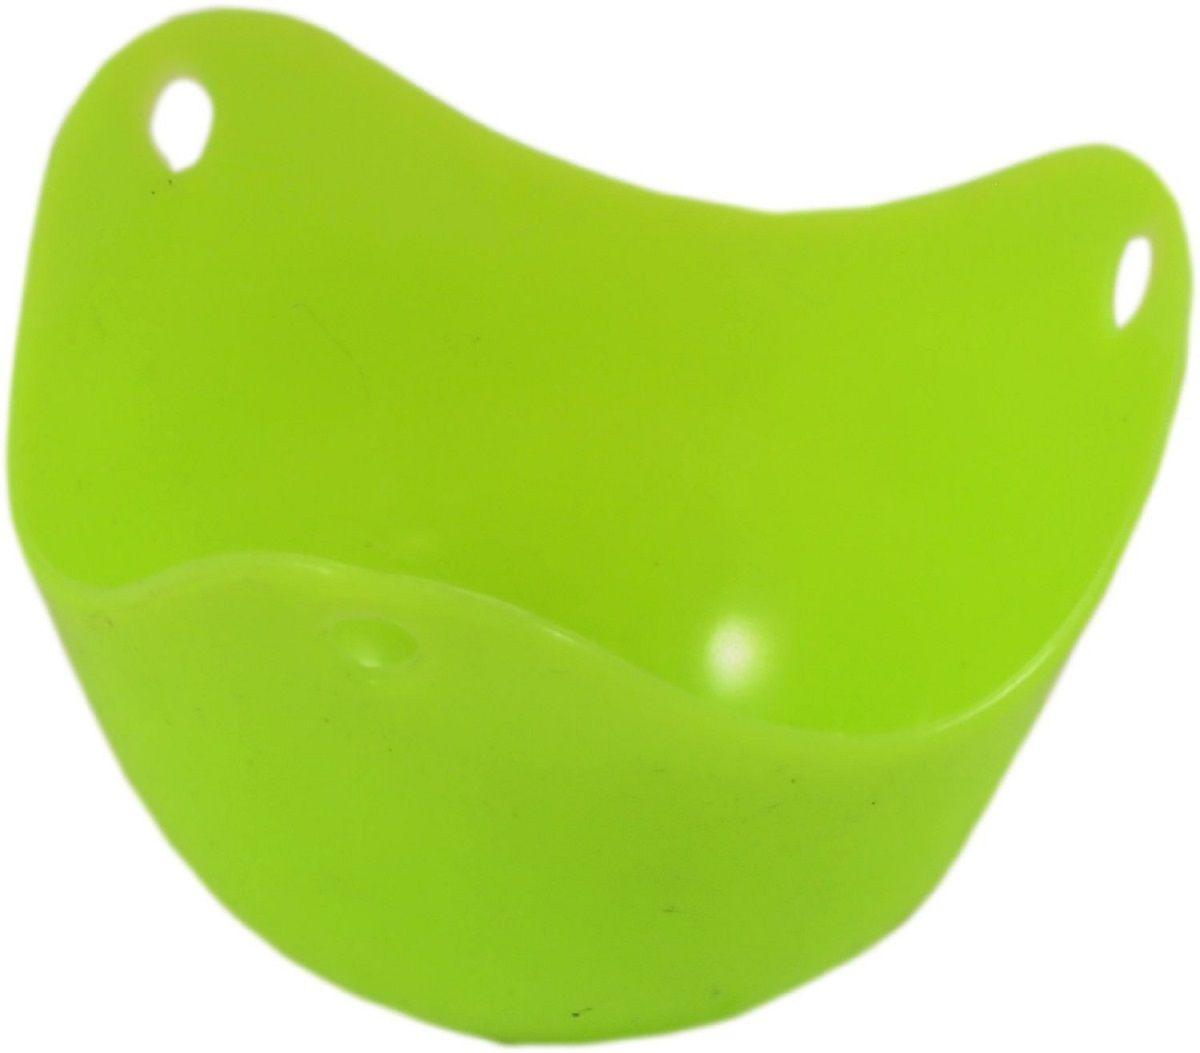 Форма для варки яиц Fidget Go